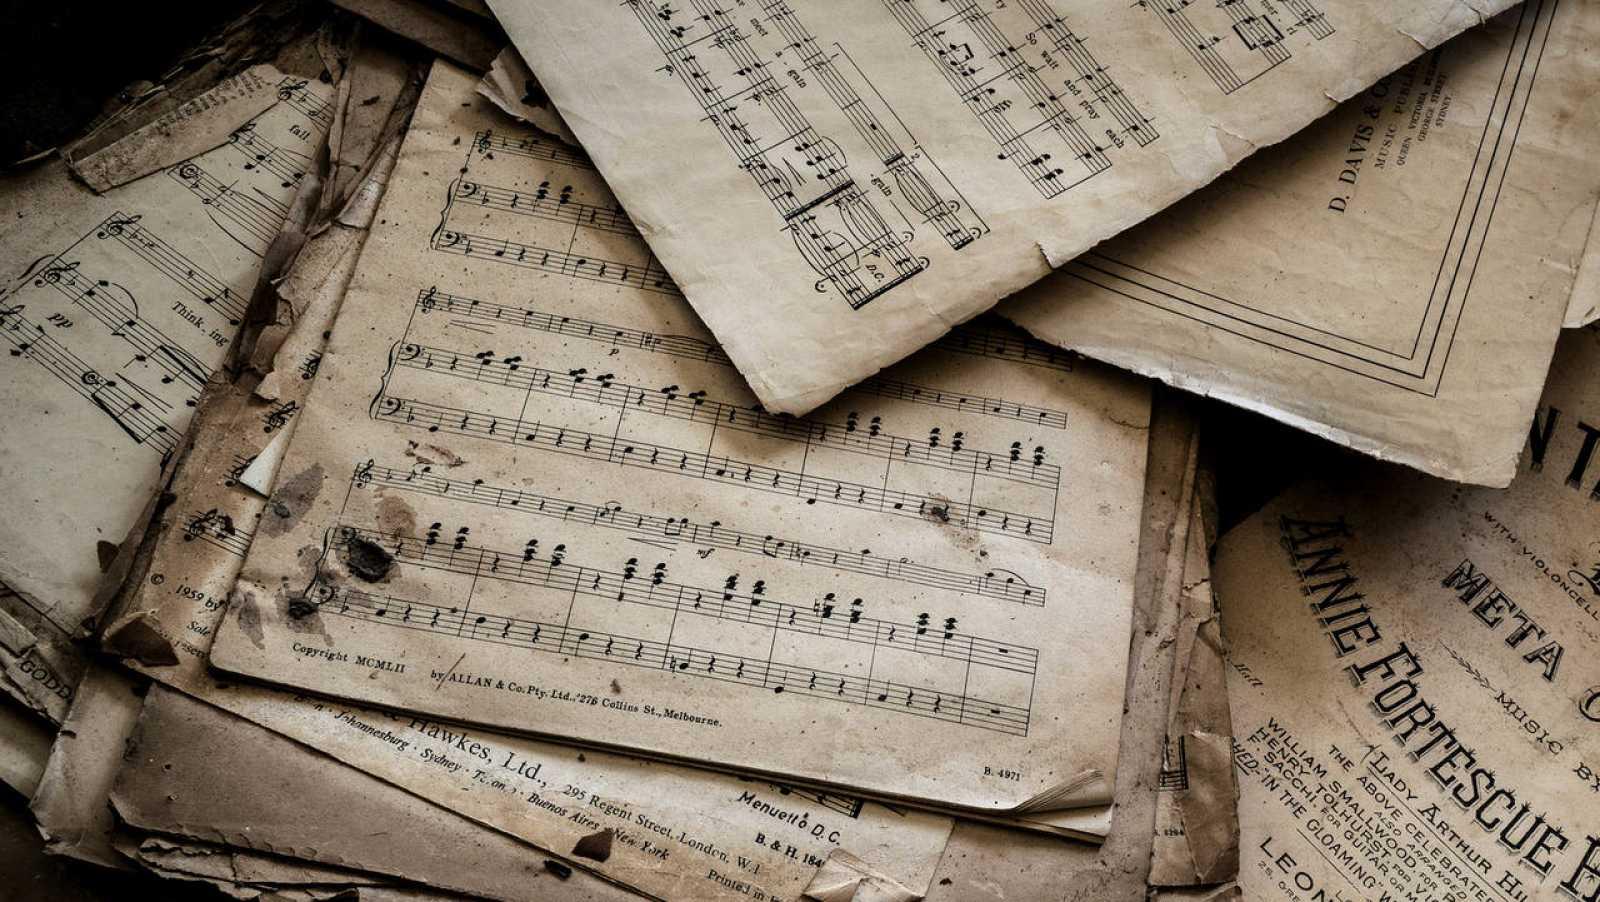 Las músicas de Sinfonía de la mañana